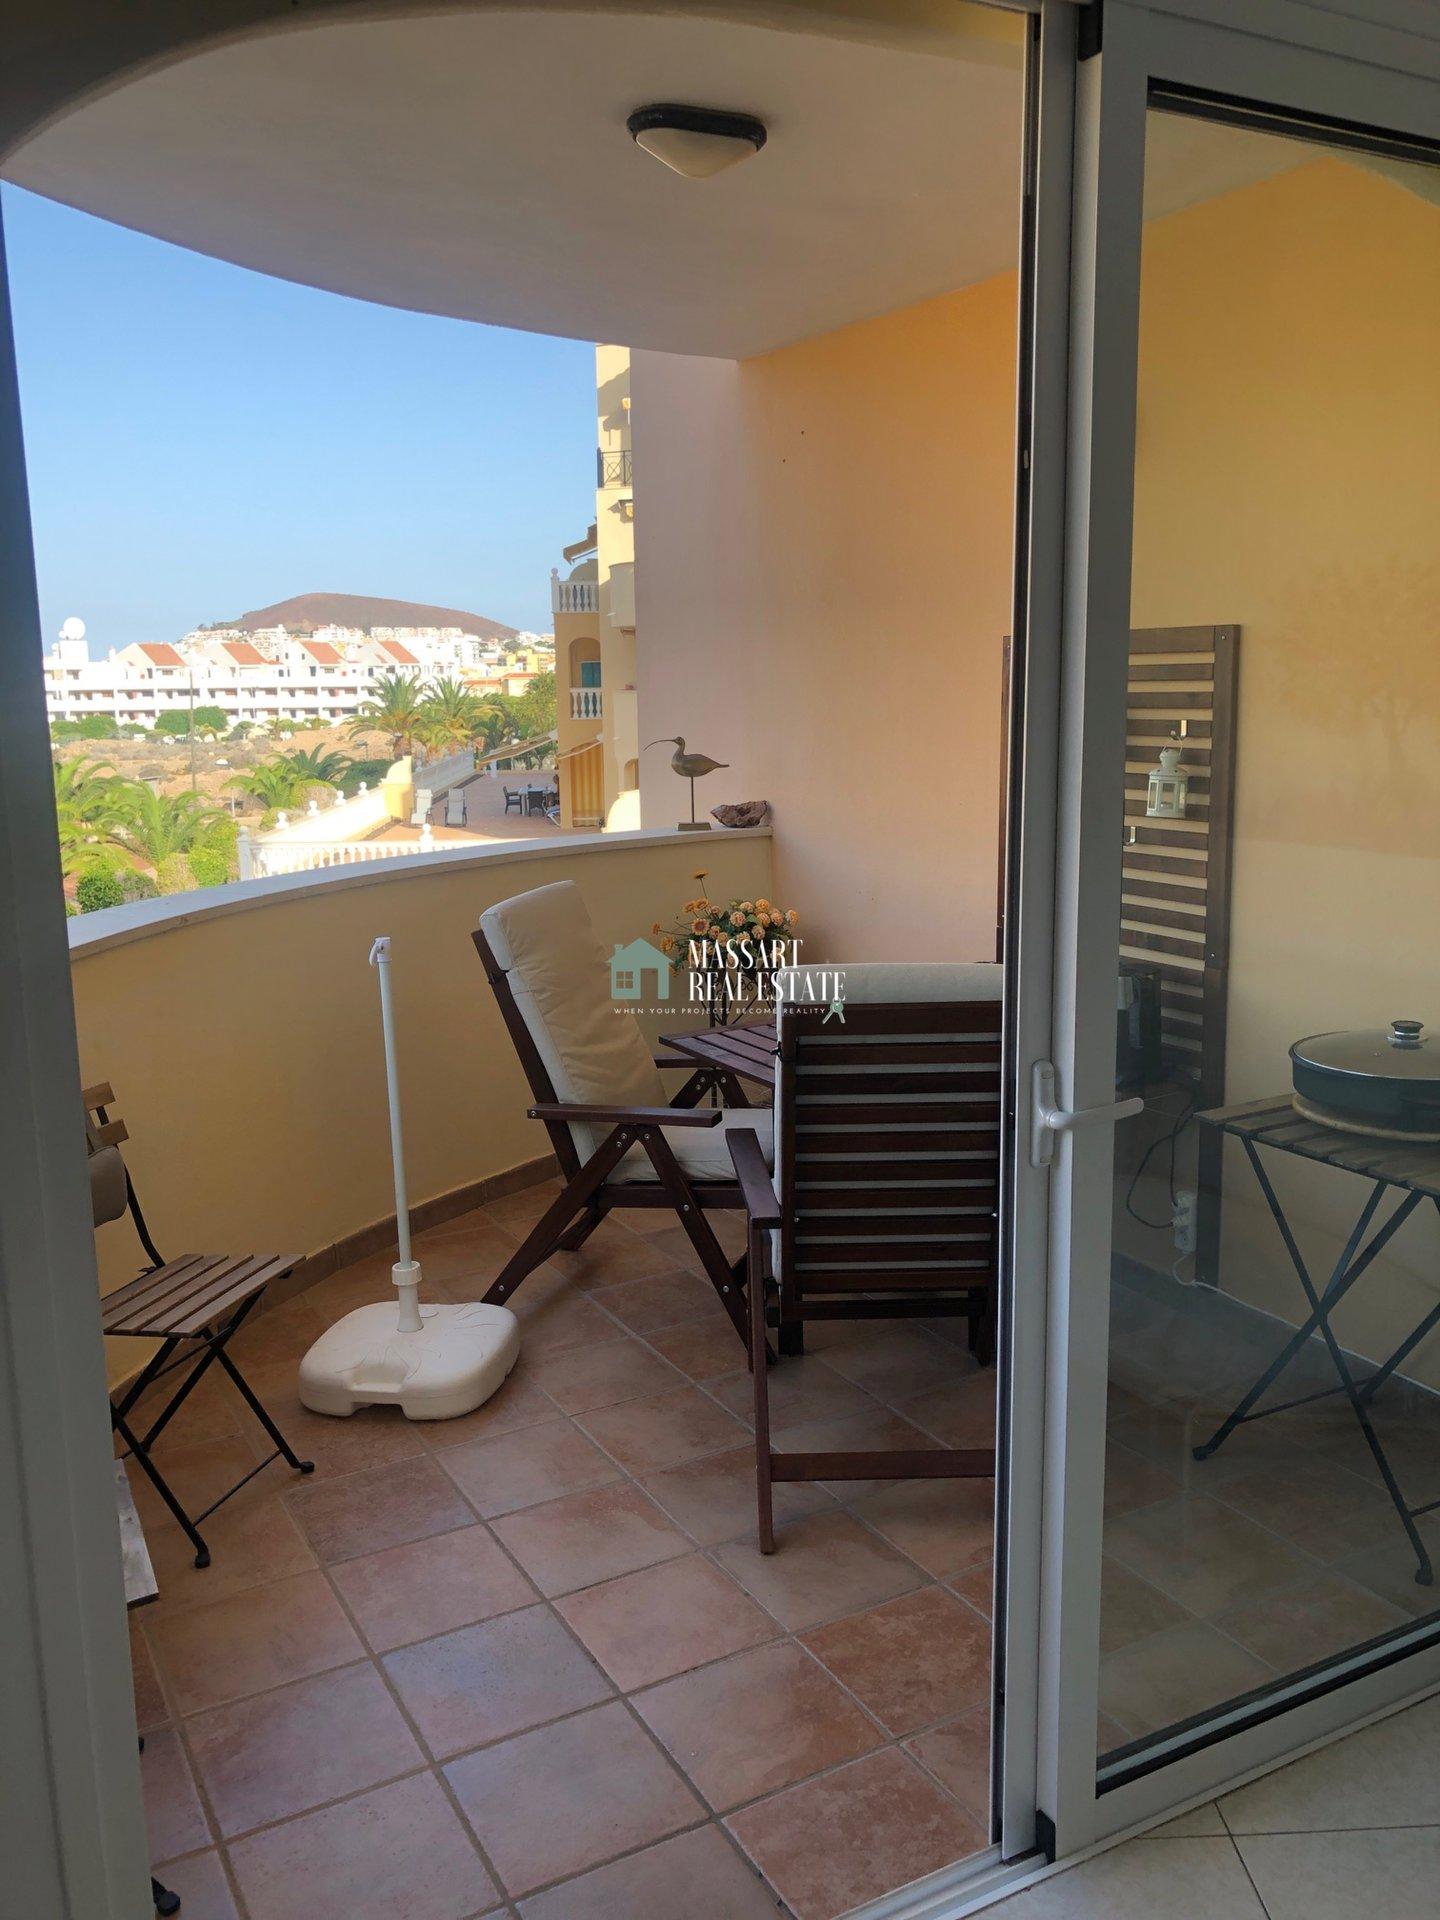 In vendita in una zona centrale di Los Cristianos, nel complesso residenziale Parque Tropical II, appartamento di 55 m2 completamente arredato.